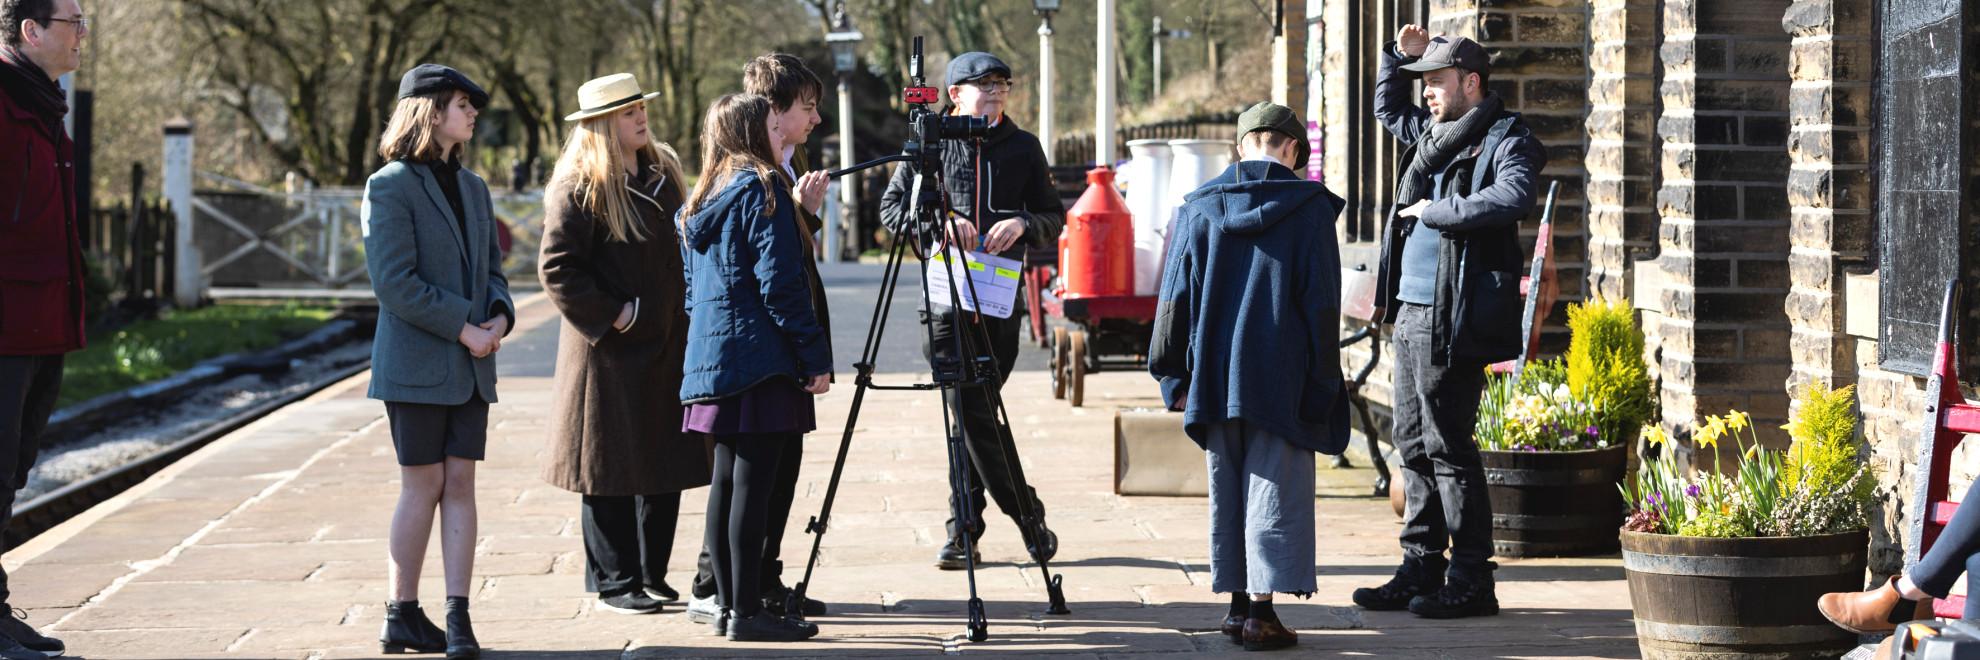 Leeds Young Film Festival Slider #2